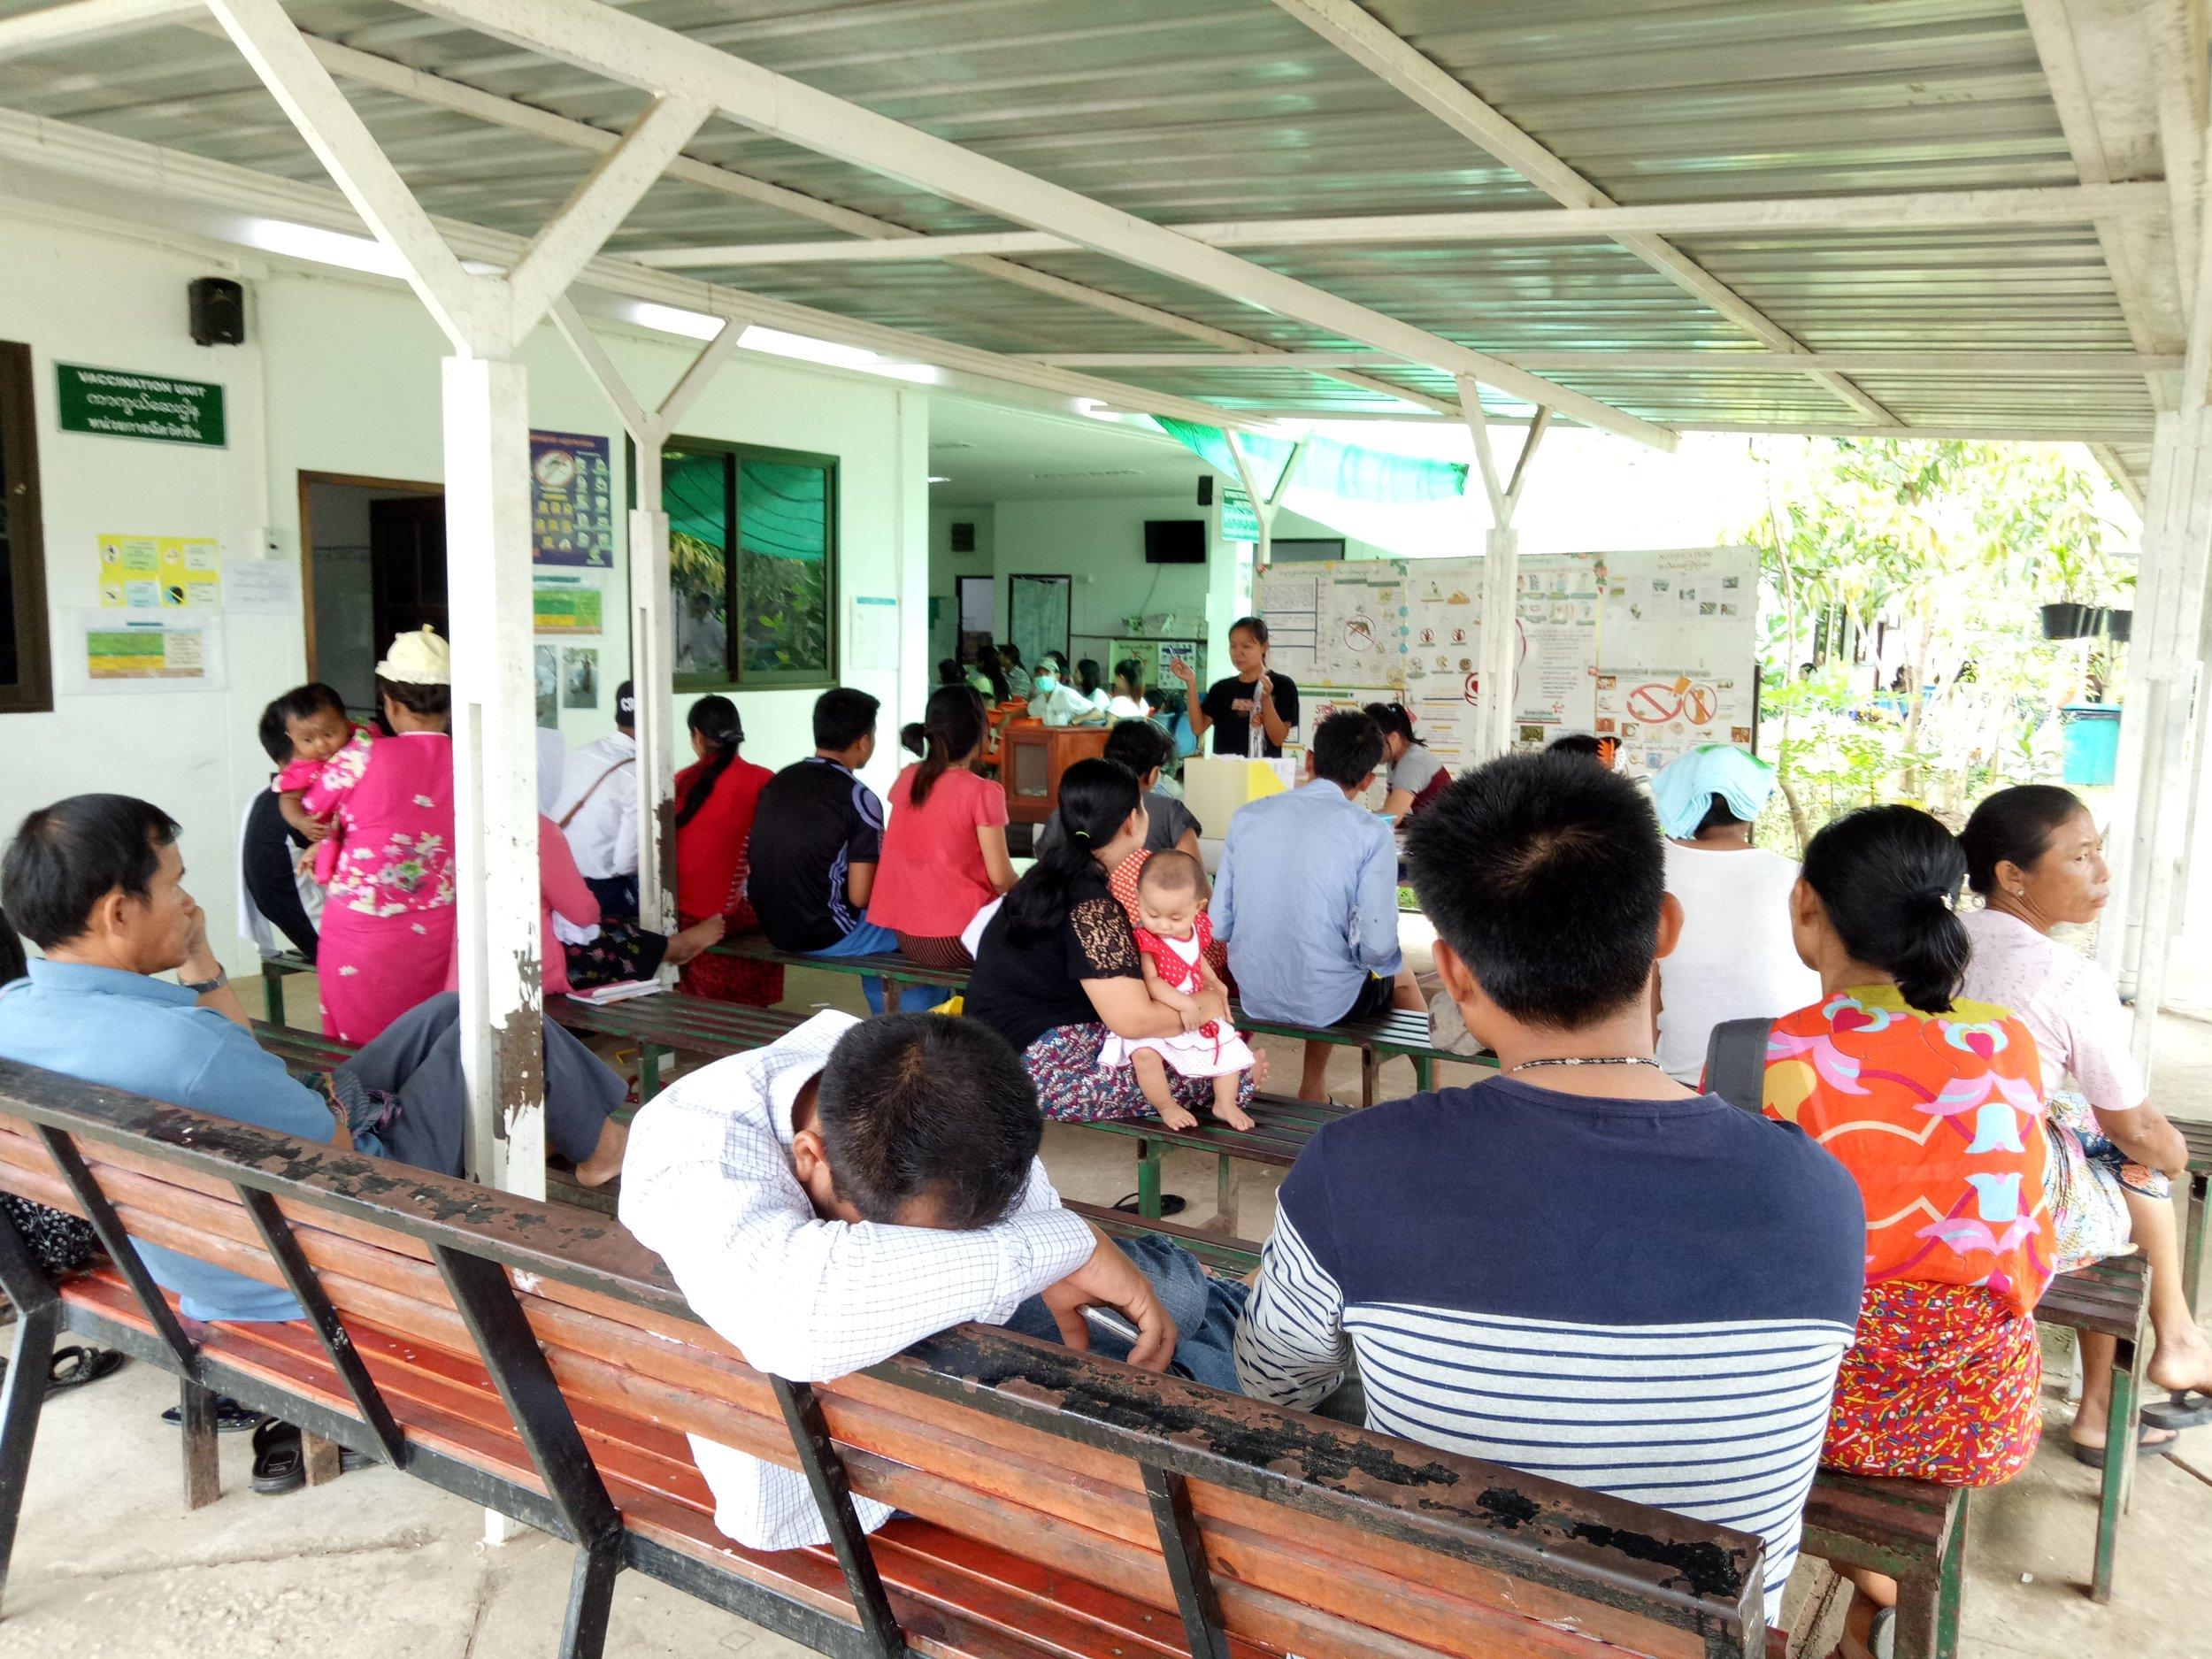 梅道診所工作人員正在對患者進行衛生教育。(攝影╱吳佩璇)